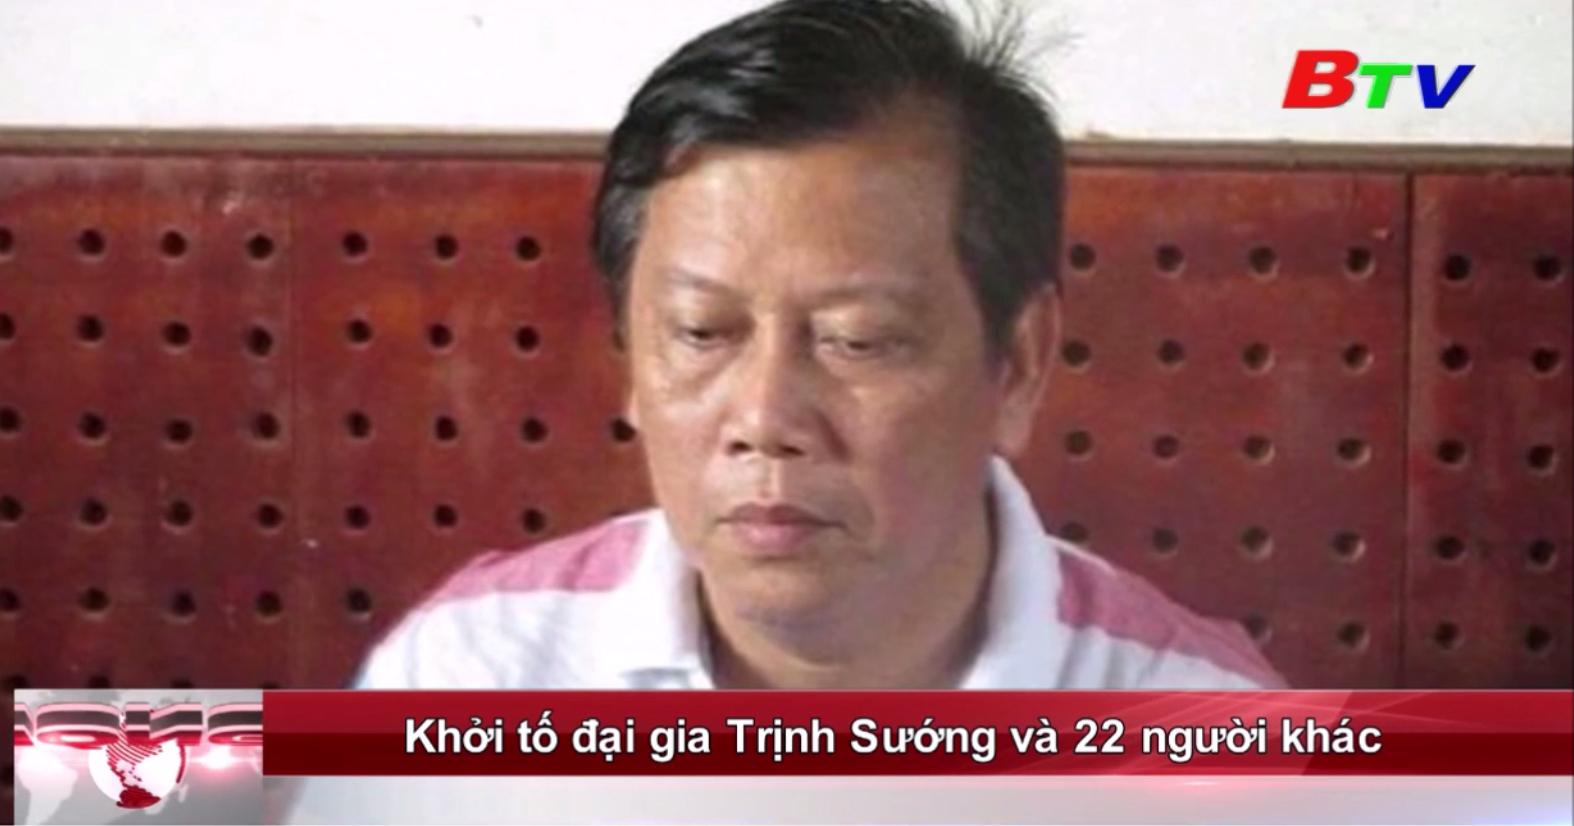 Khởi tố đại gia Trịnh Sướng và 22 người khác